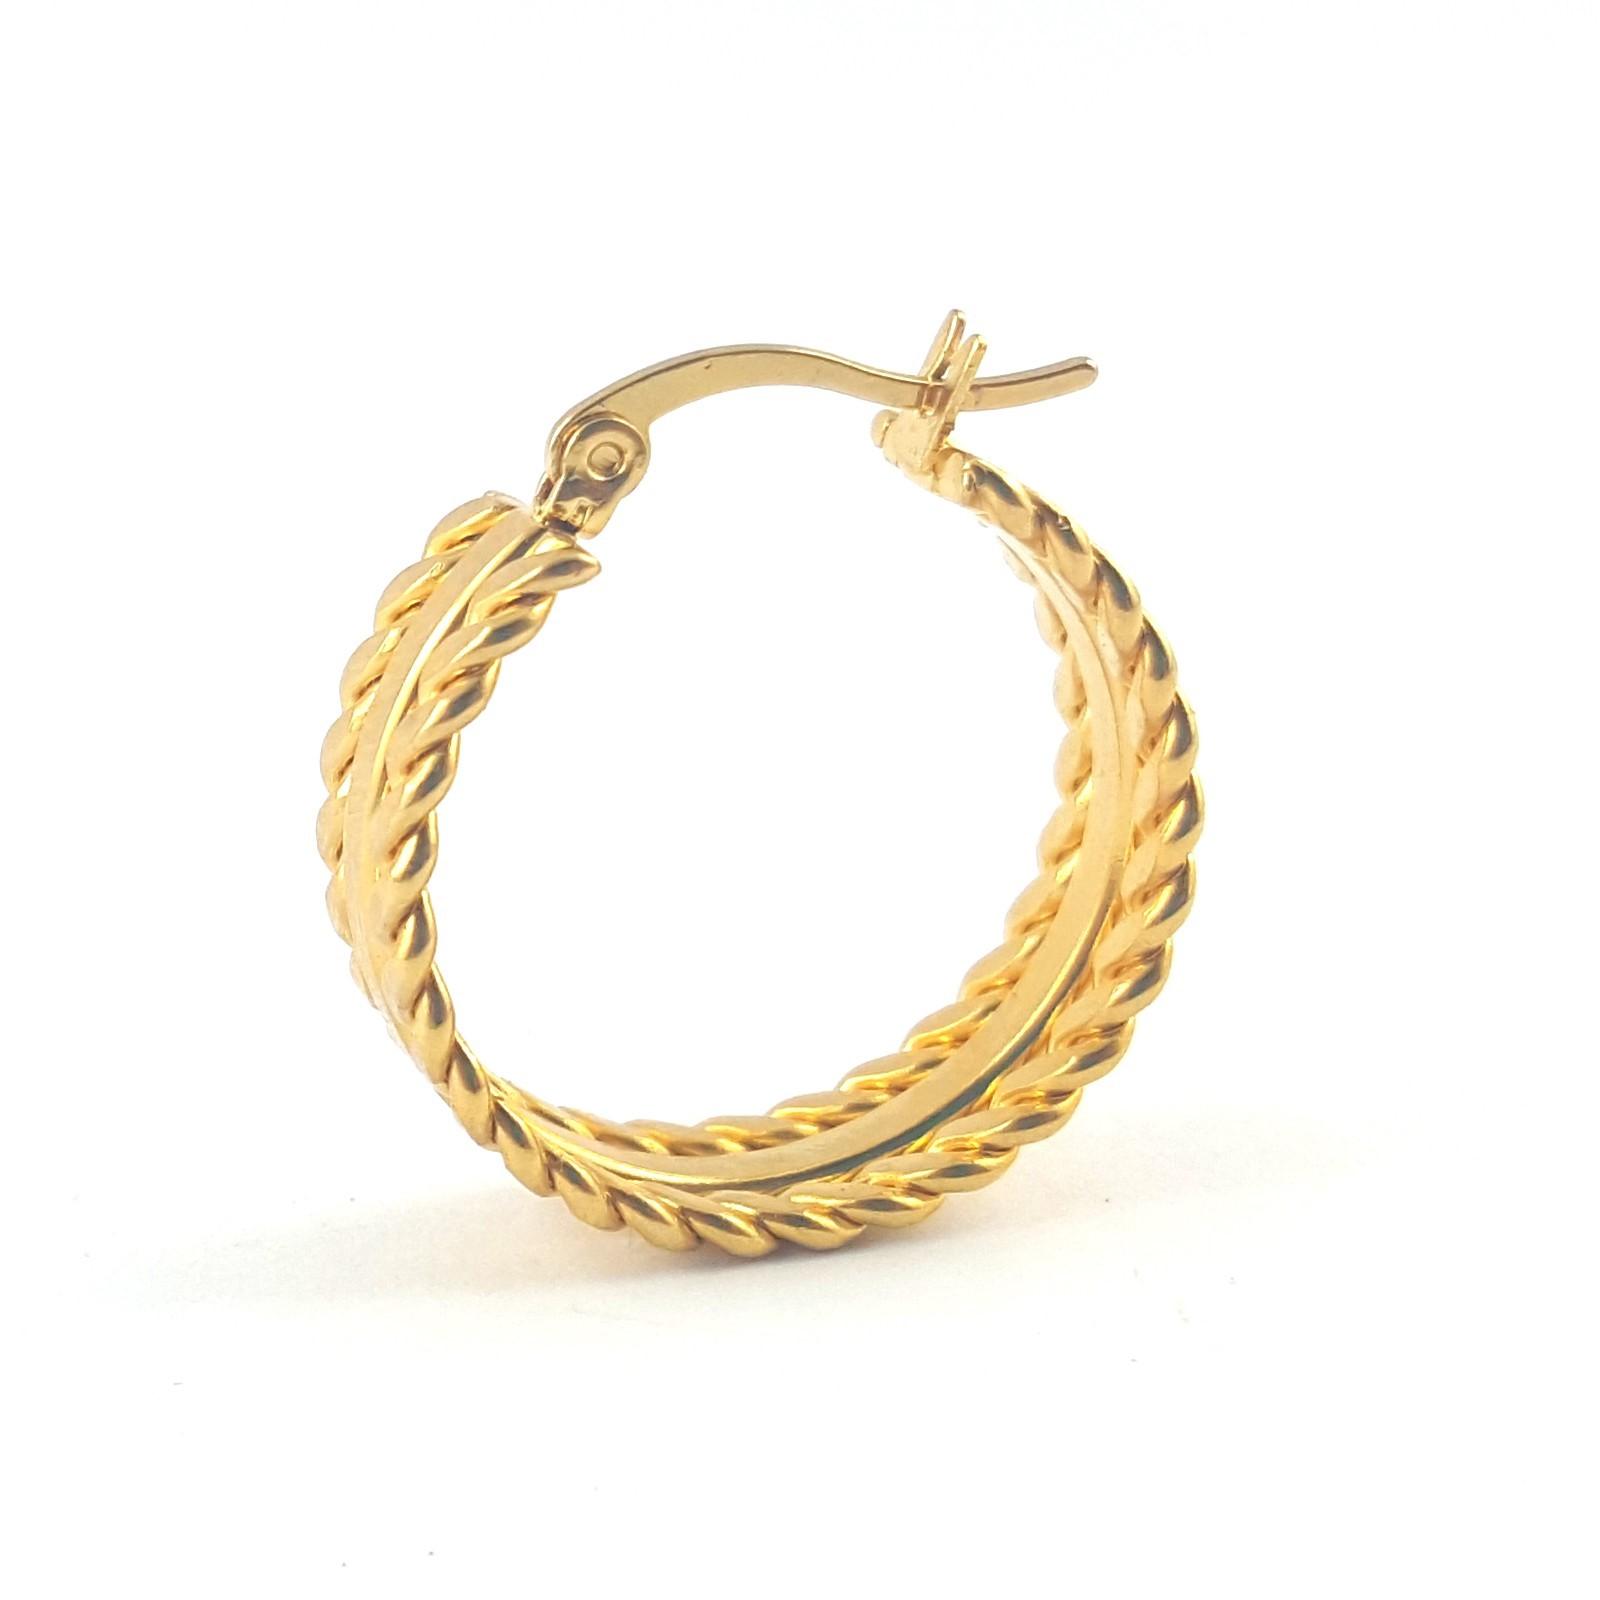 les créoles identités bijoux - concept de bijouterie à clermont-ferrand - bijoux auvergne